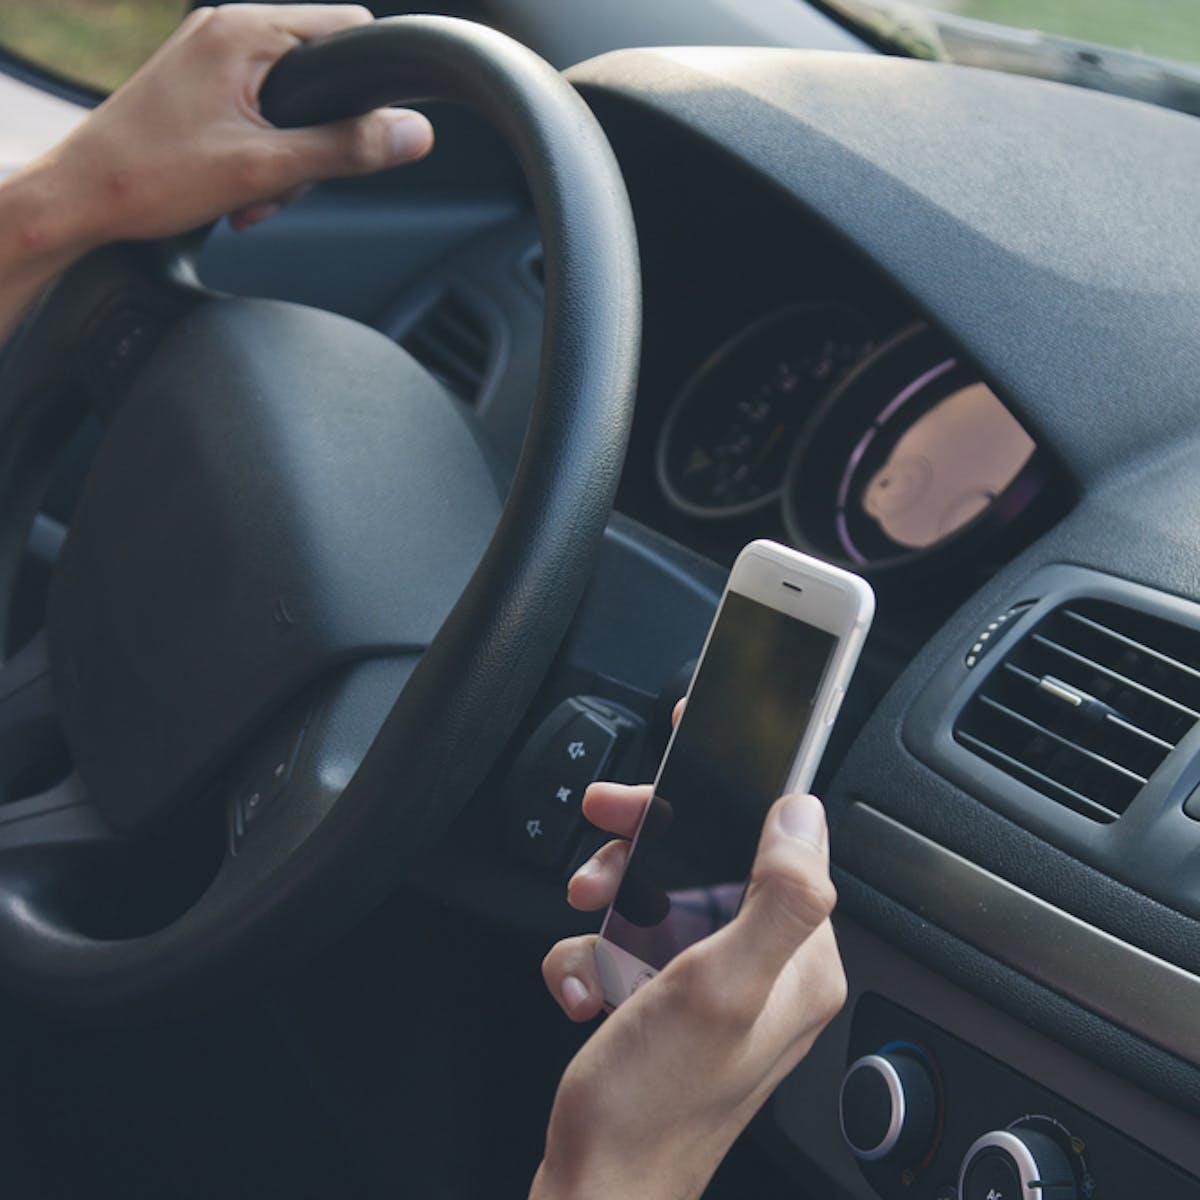 Menyetir Mobil Sambil Bermain Ponsel Terbukti Berbahaya Meski Pakai Hands Free